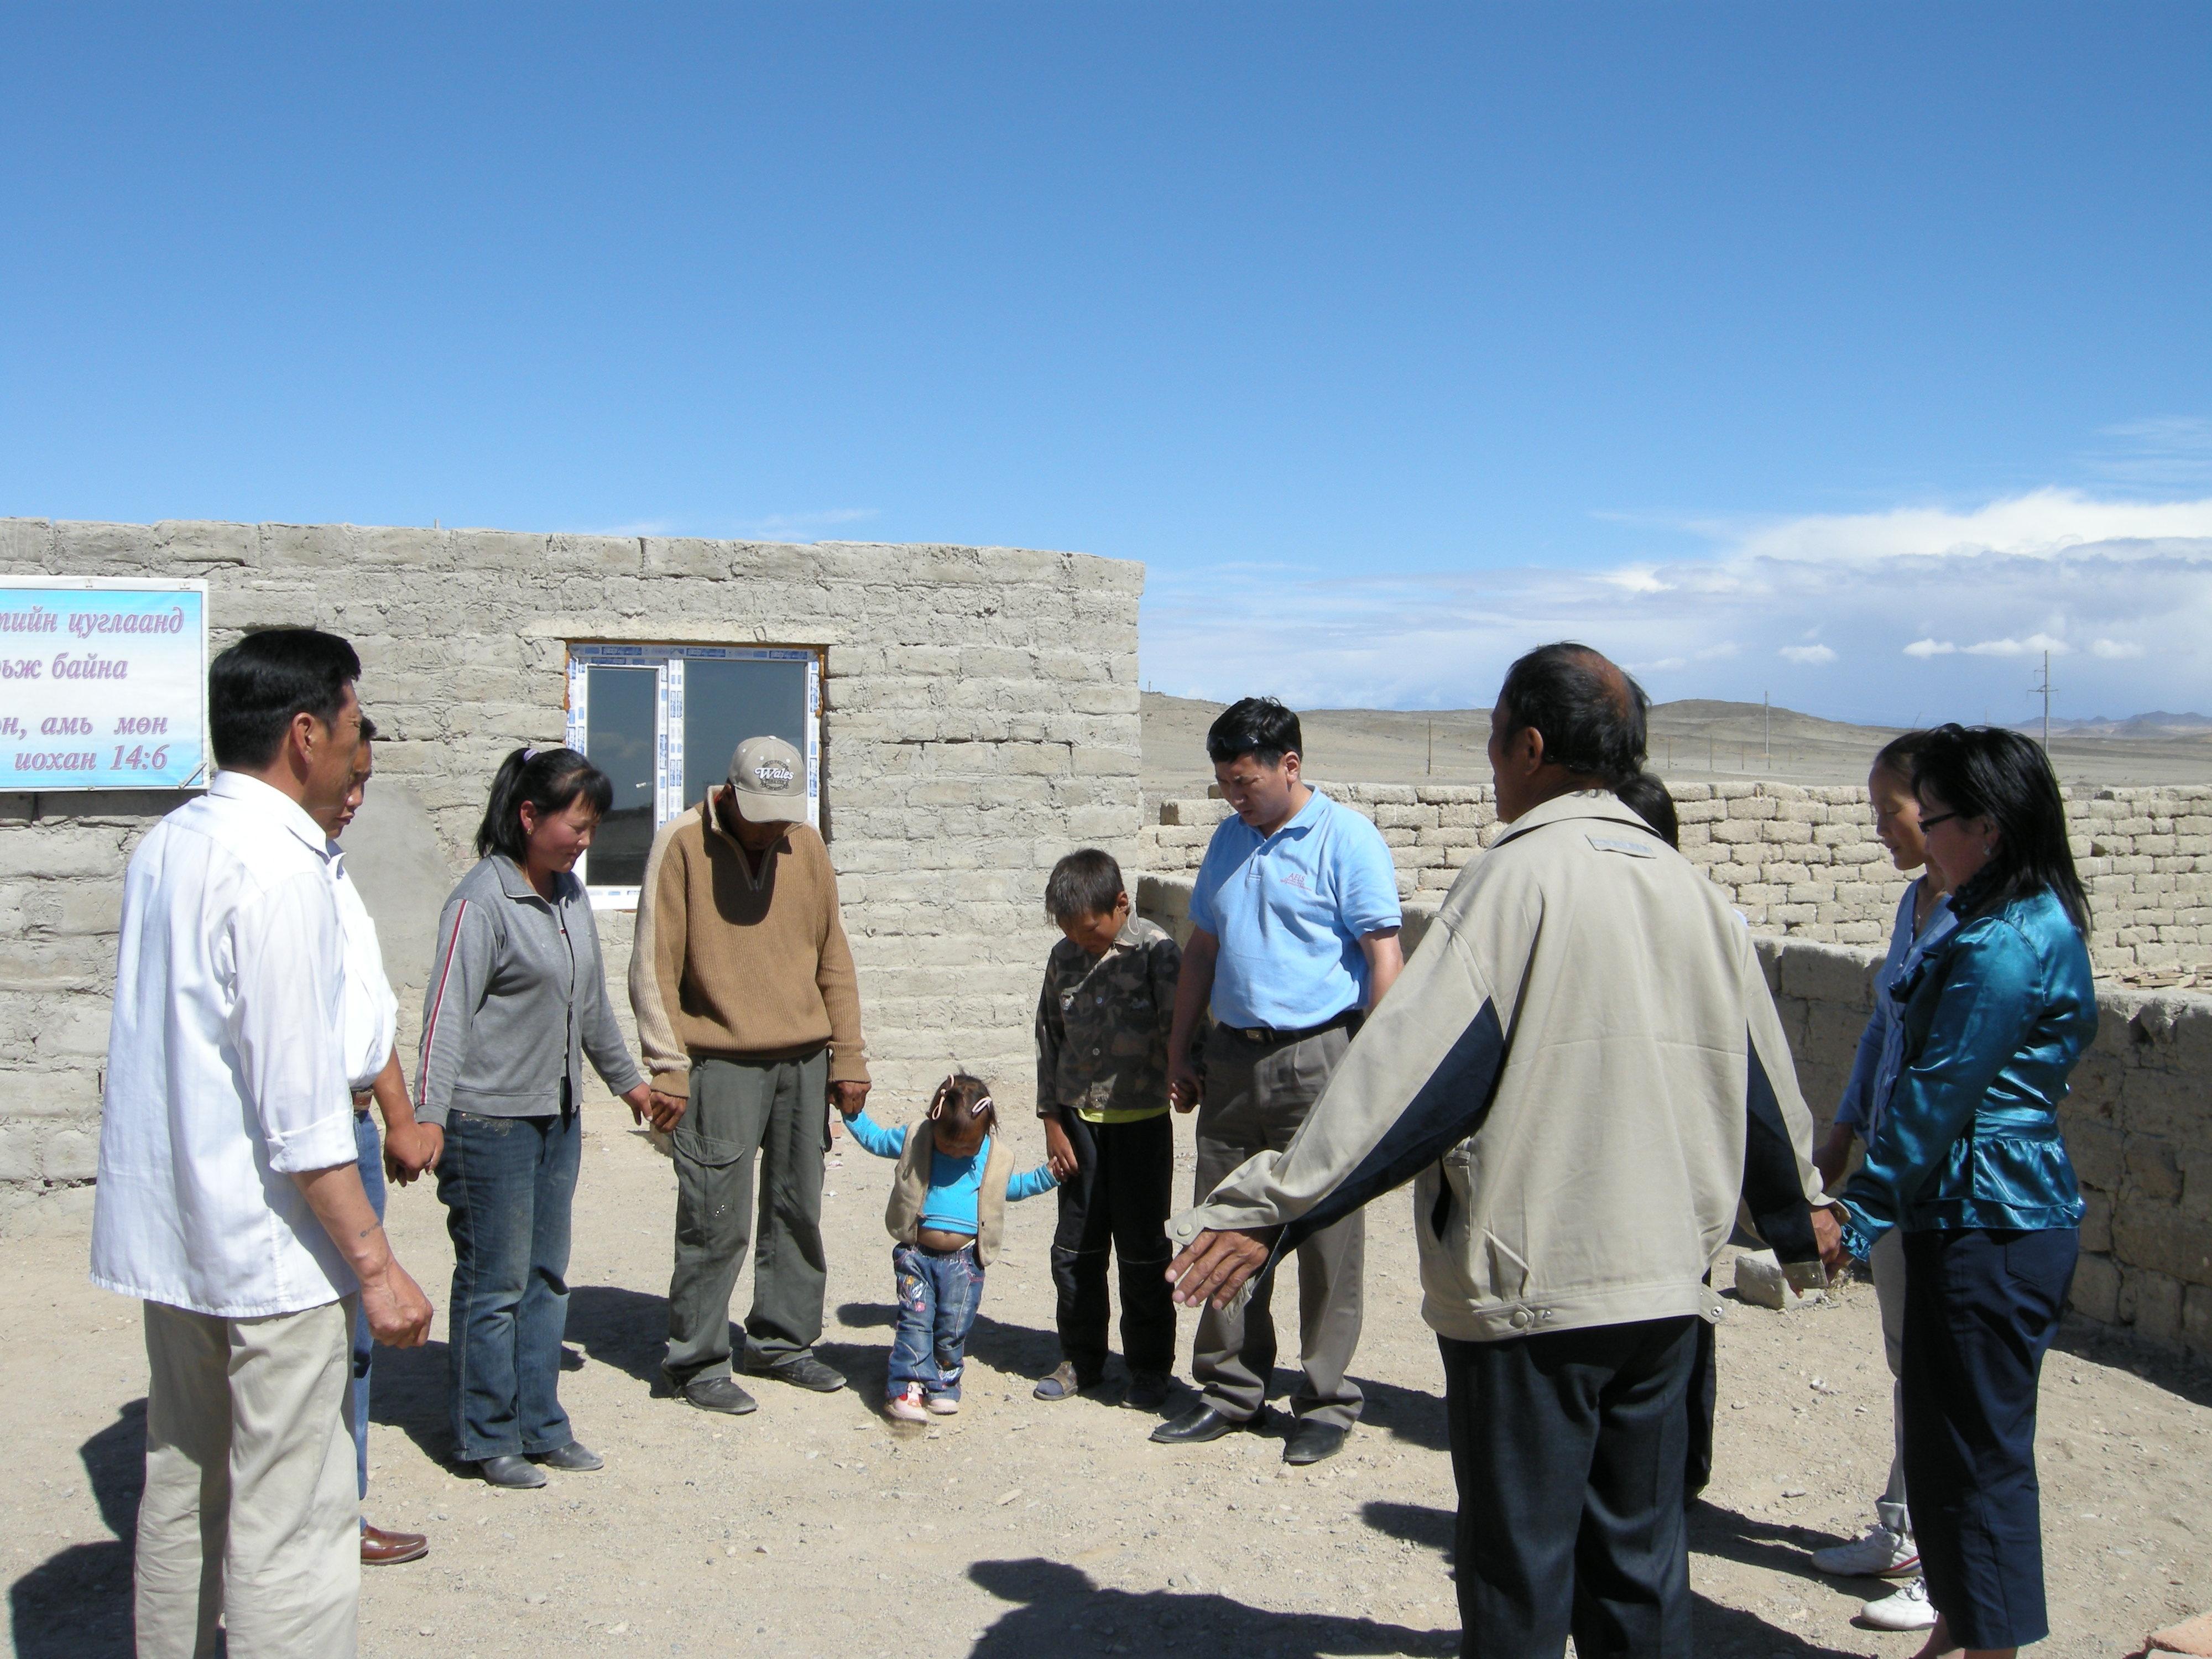 Western Mongolia, 2007